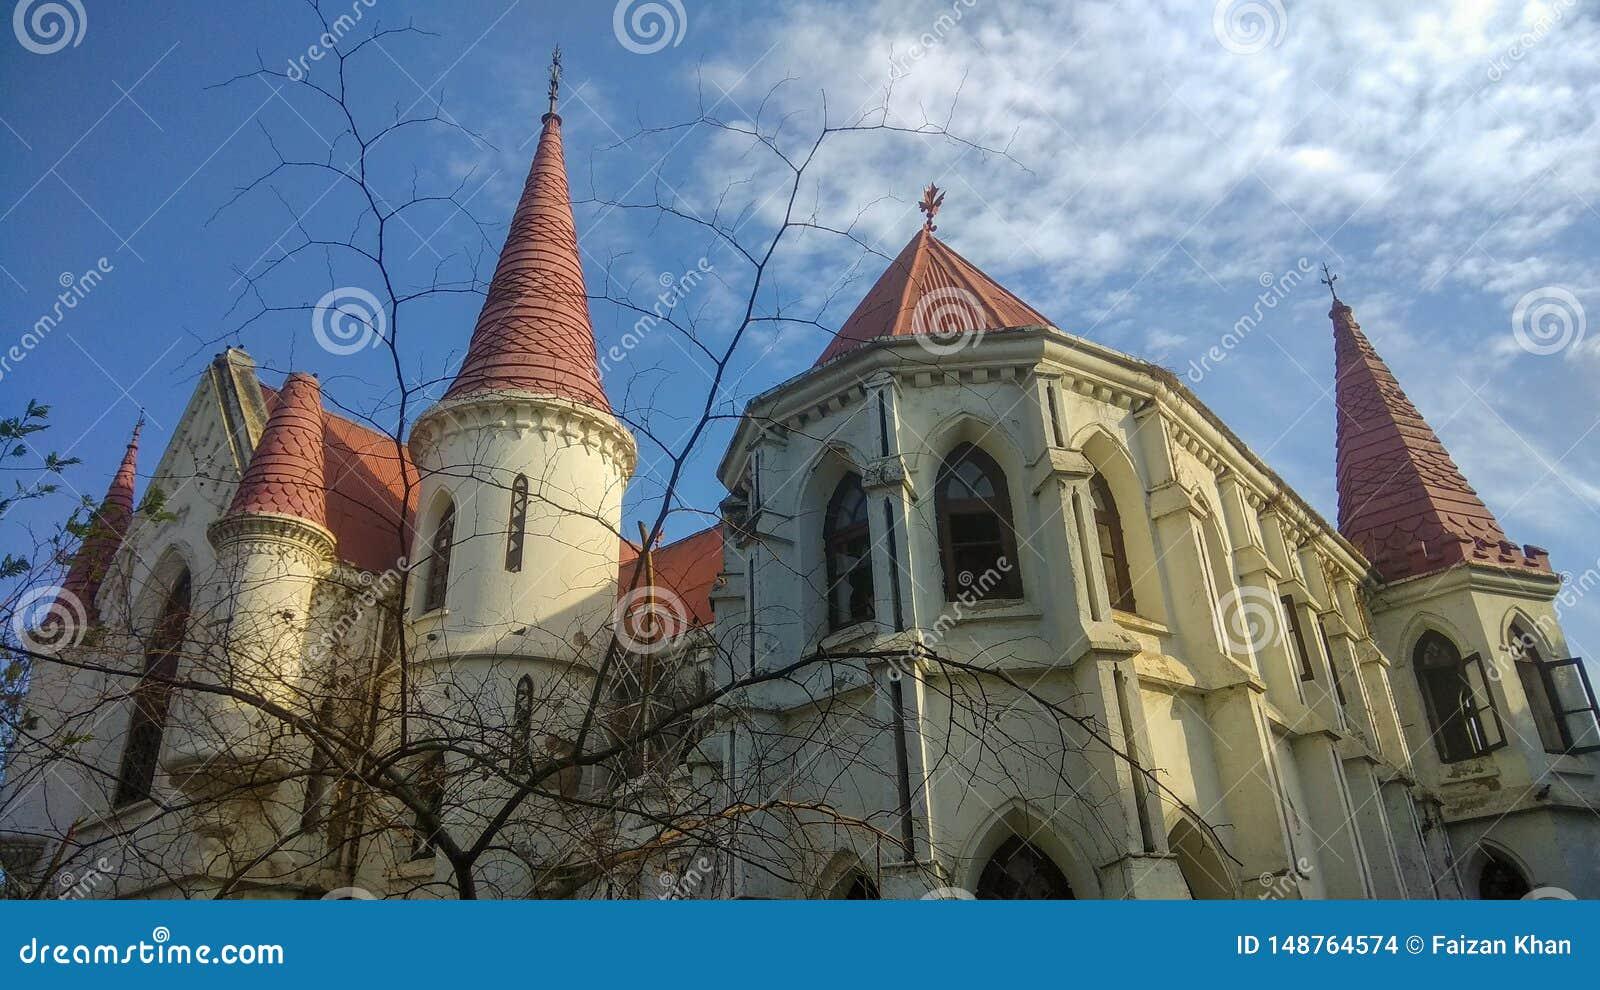 Gammal gotisk byggnad för kyrklig eller kolonial era i Indore